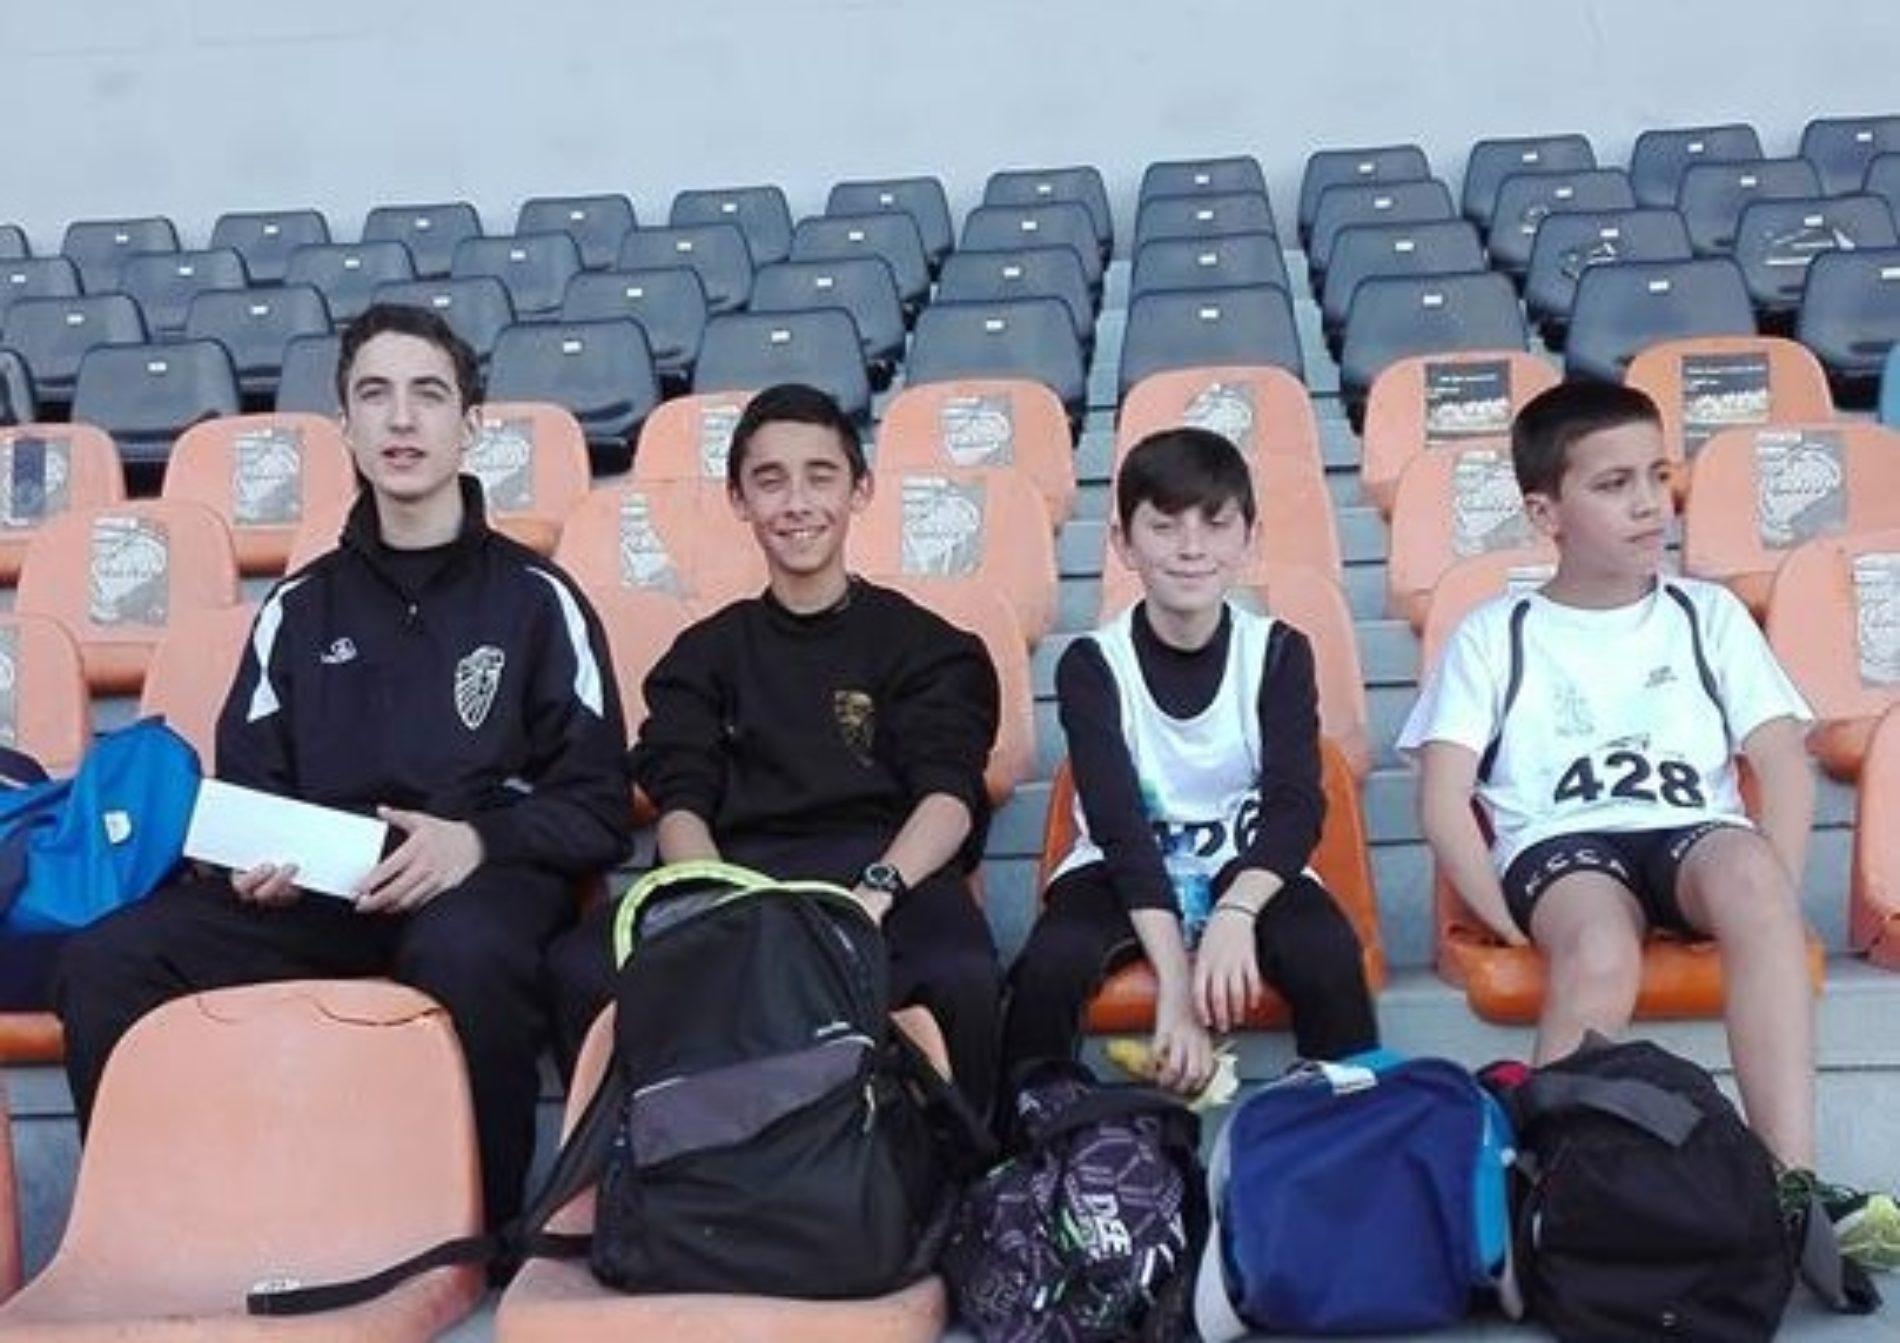 Maratona Clube Vila Chã participou no Campeonato Nacional de Corta Mato Curto